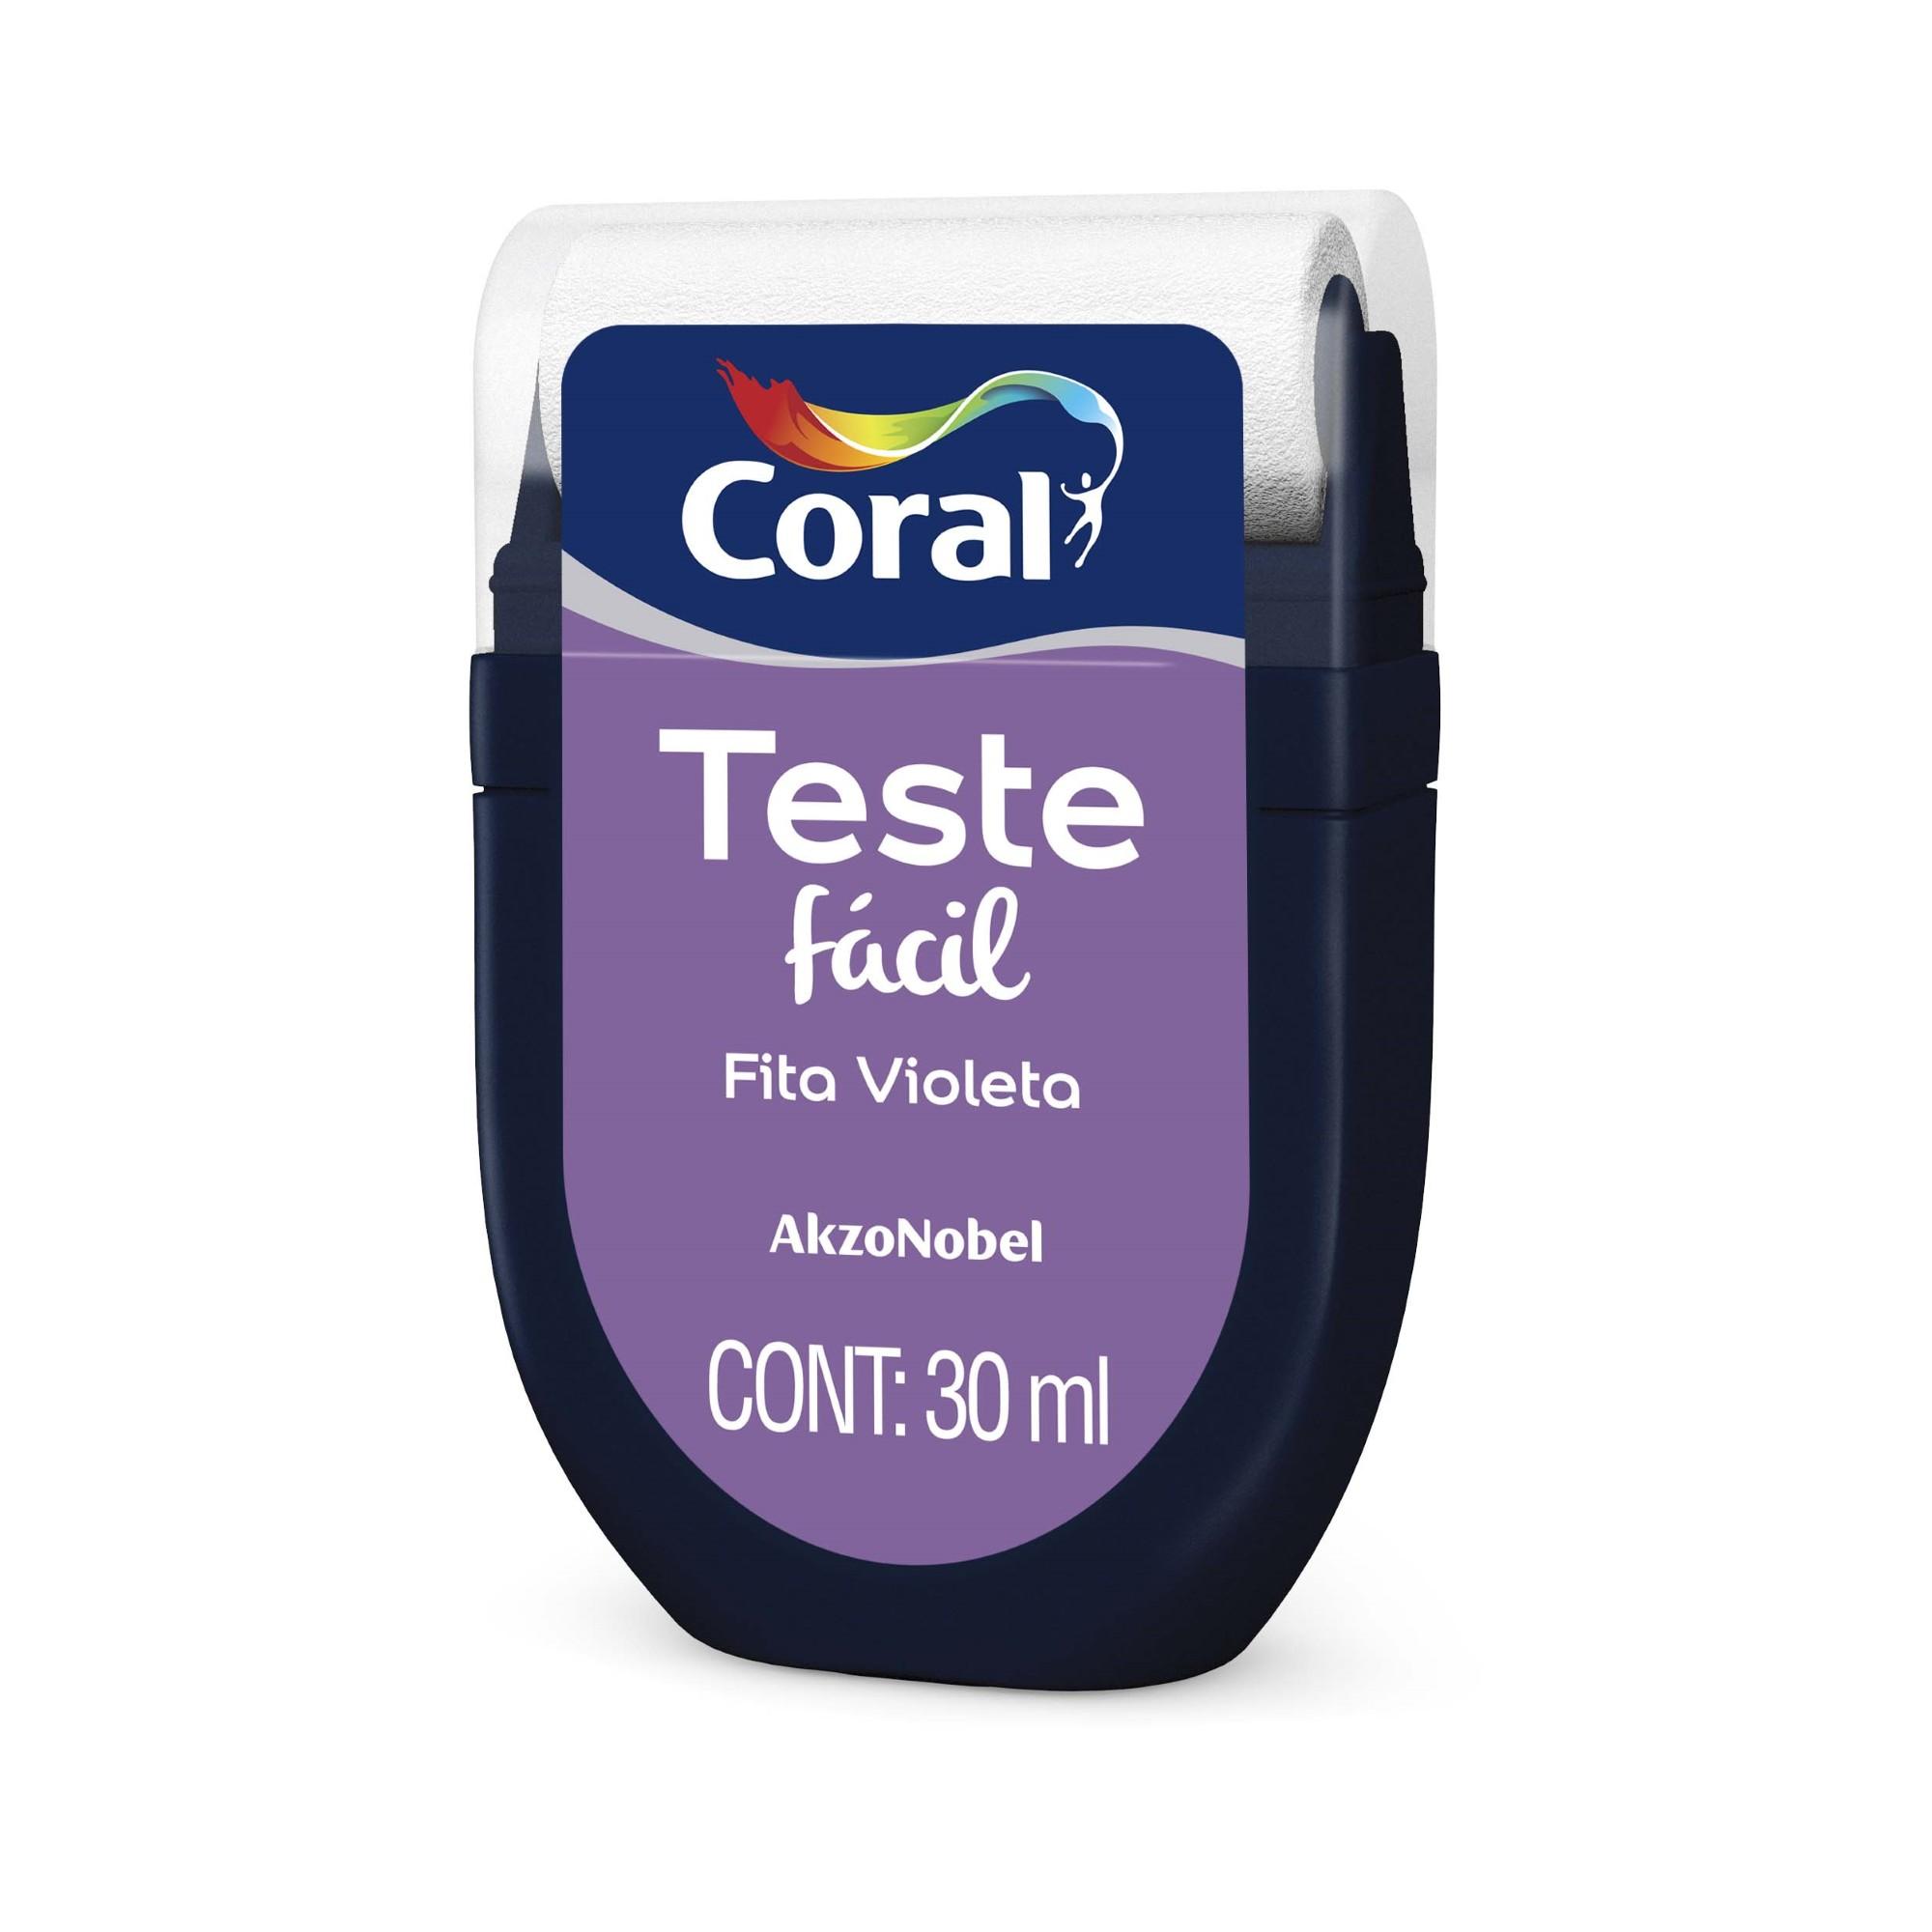 Teste Facil 30ml Fita Violeta - Coral